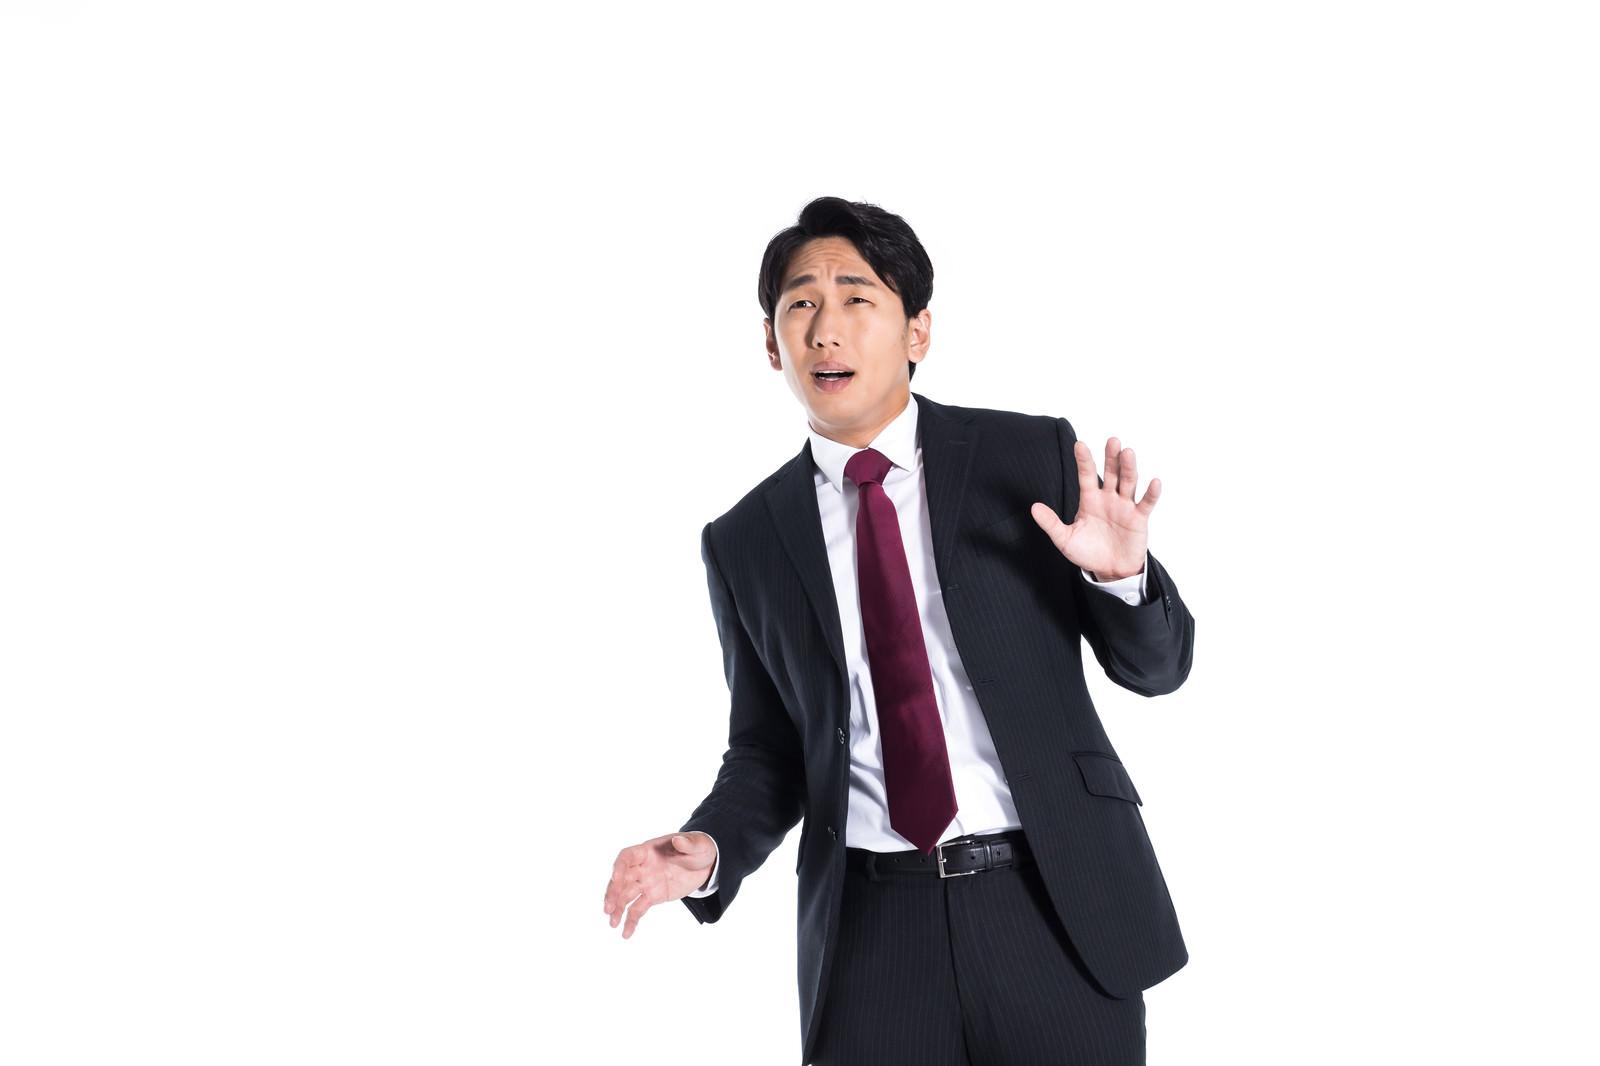 「問題に対応できずオロオロする会社員 | 写真の無料素材・フリー素材 - ぱくたそ」の写真[モデル:大川竜弥]